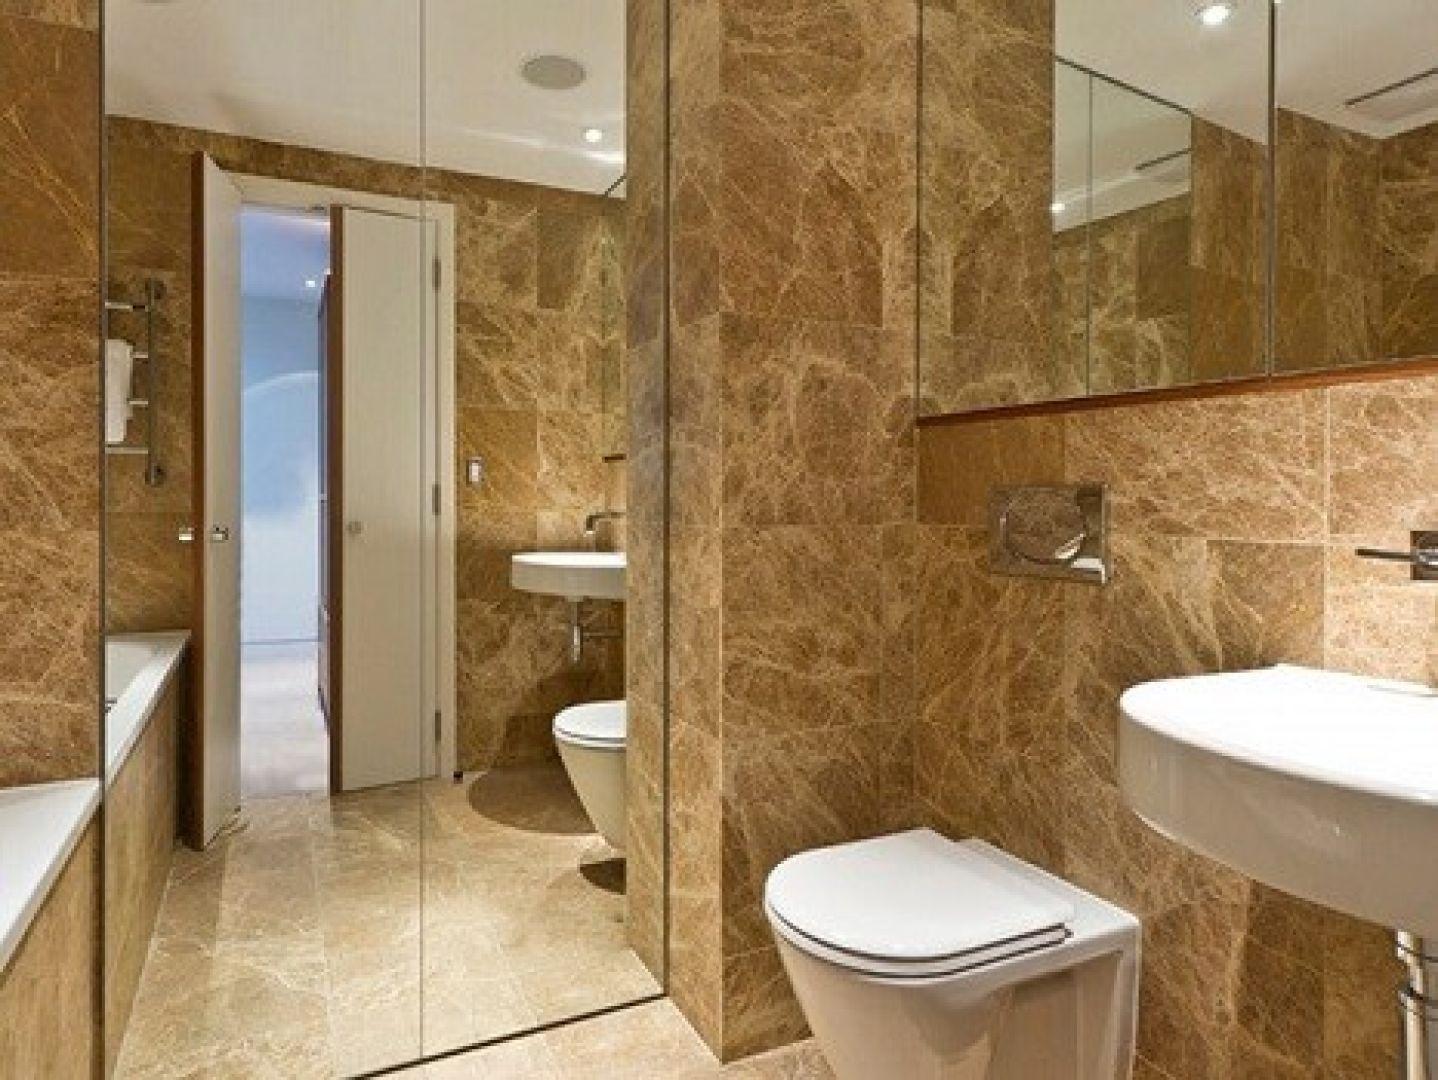 gạch lát nền nhà - nhà vệ sinh